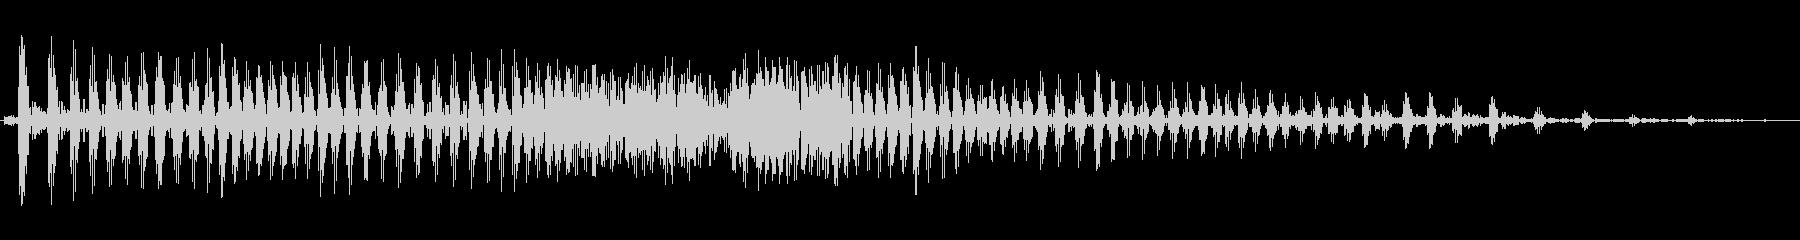 ぐぅ〜(お腹が鳴る音)の未再生の波形